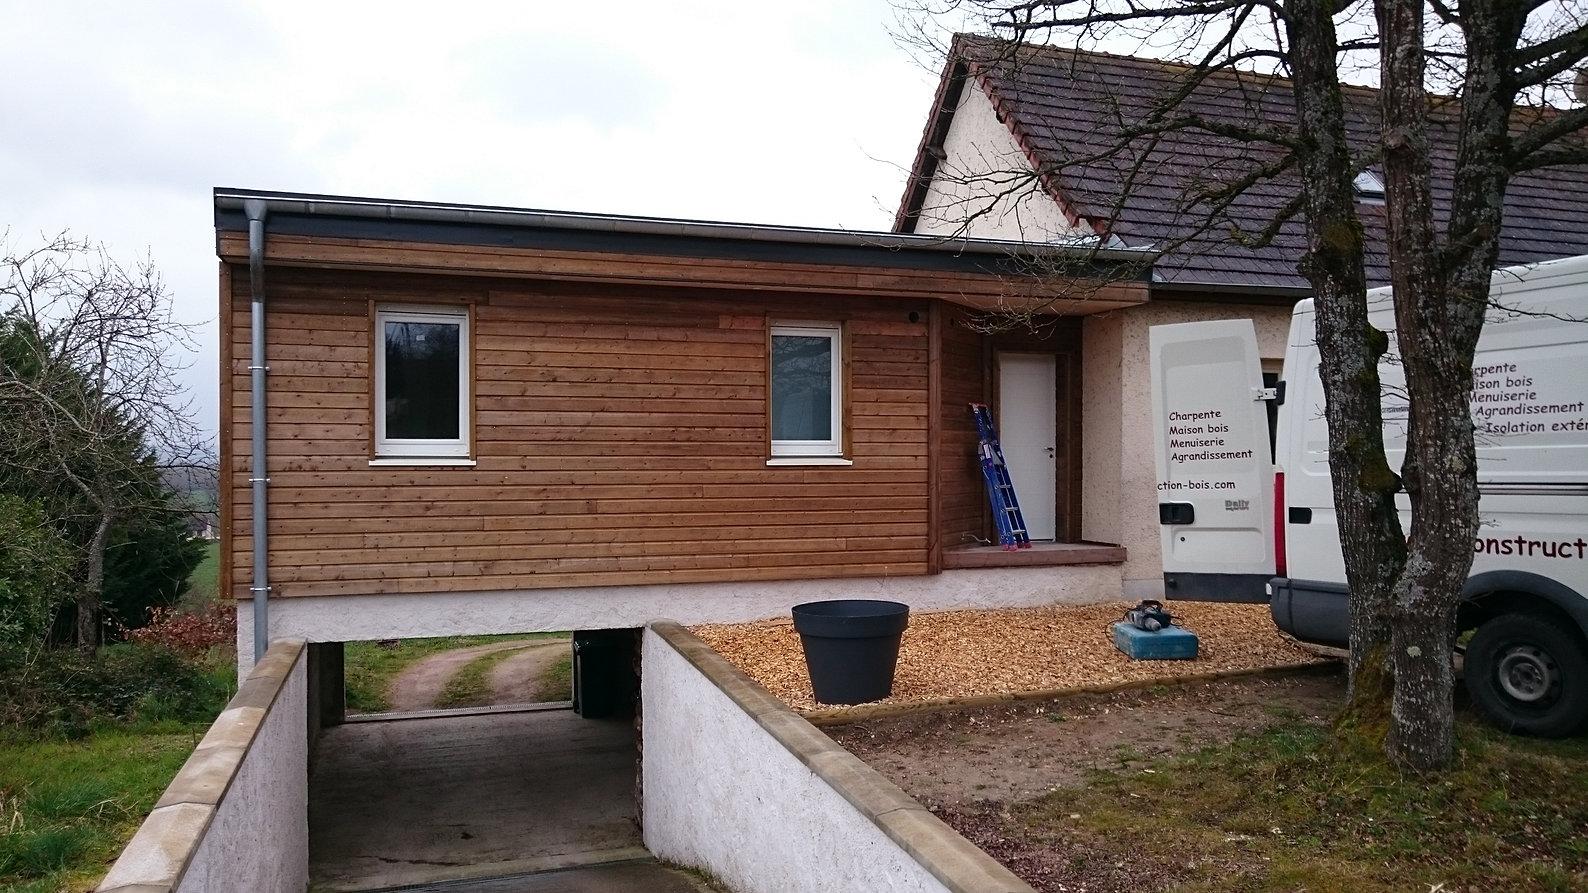 Constructeur fabricant de maisons bois en auvergne for Constructeur maison contemporaine auvergne